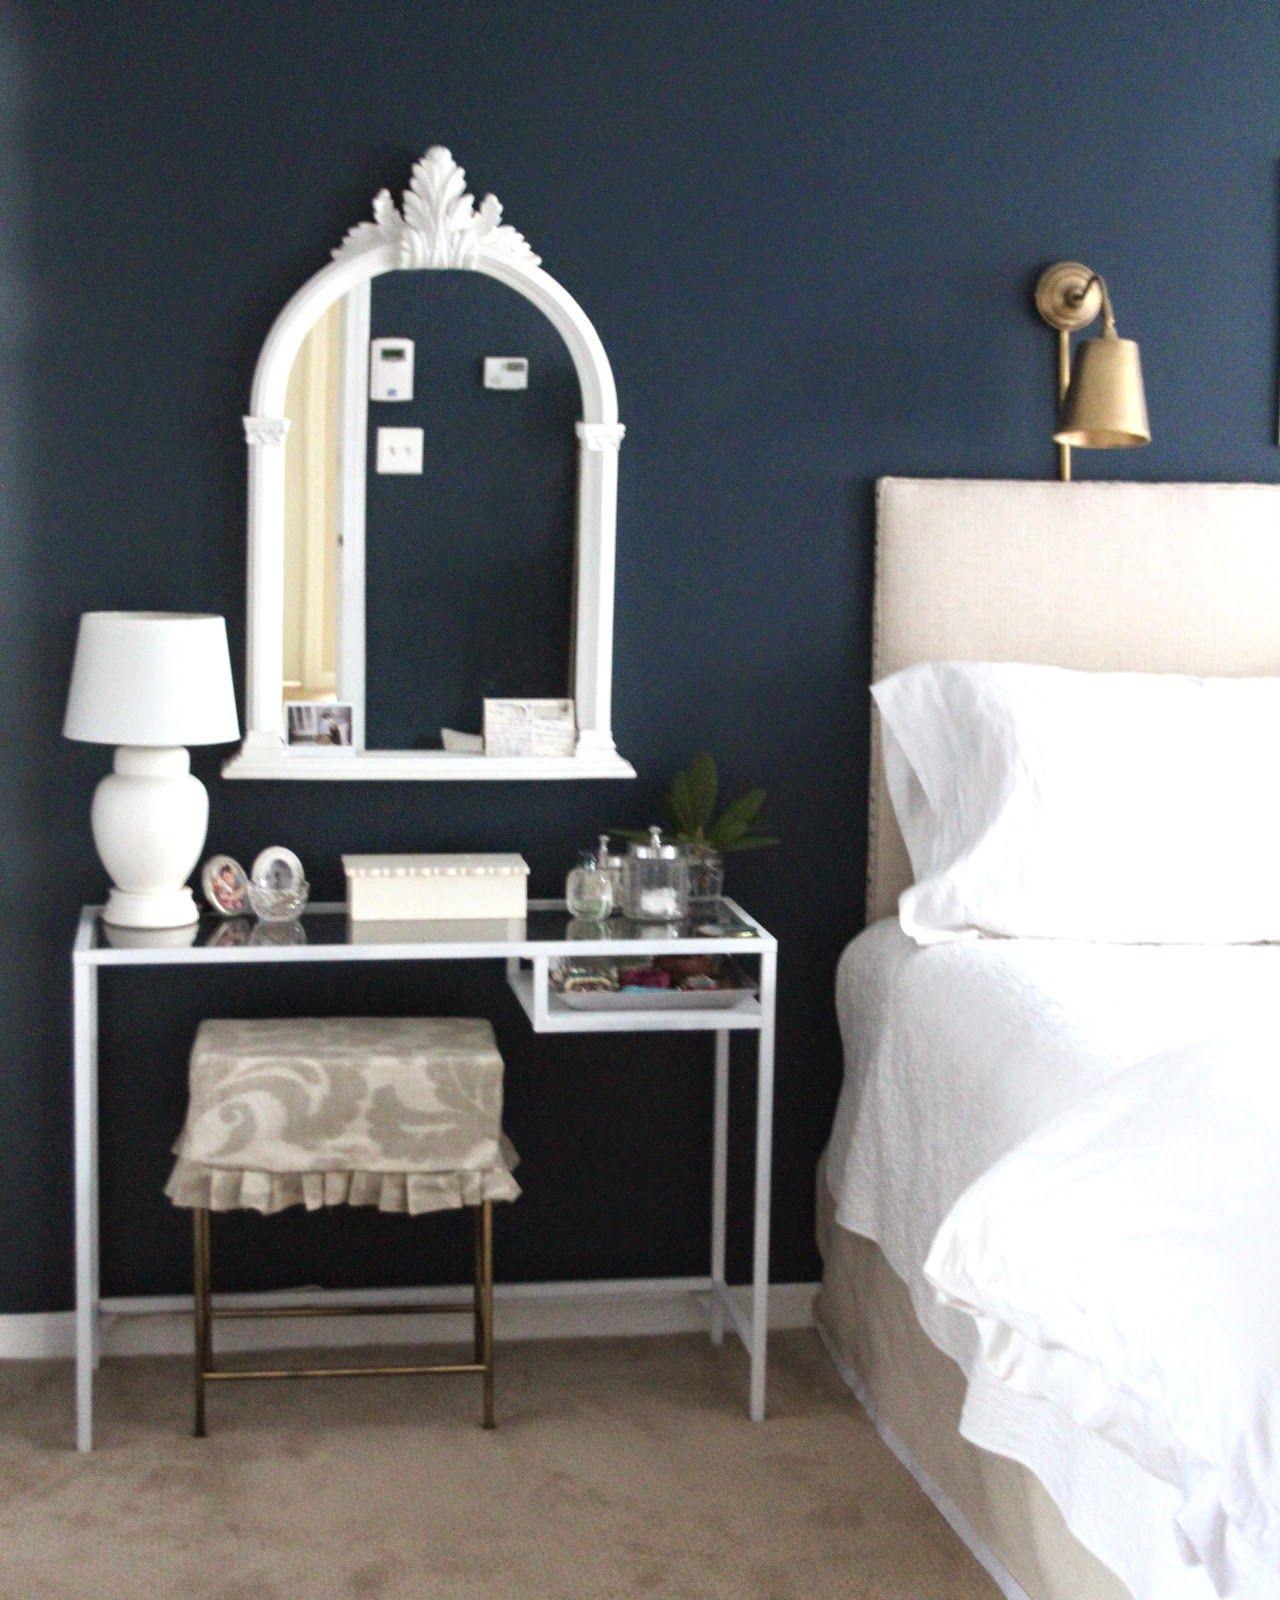 Ikea Desk As A Vanity Table | Ikea desk, Vanity tables and Vanities